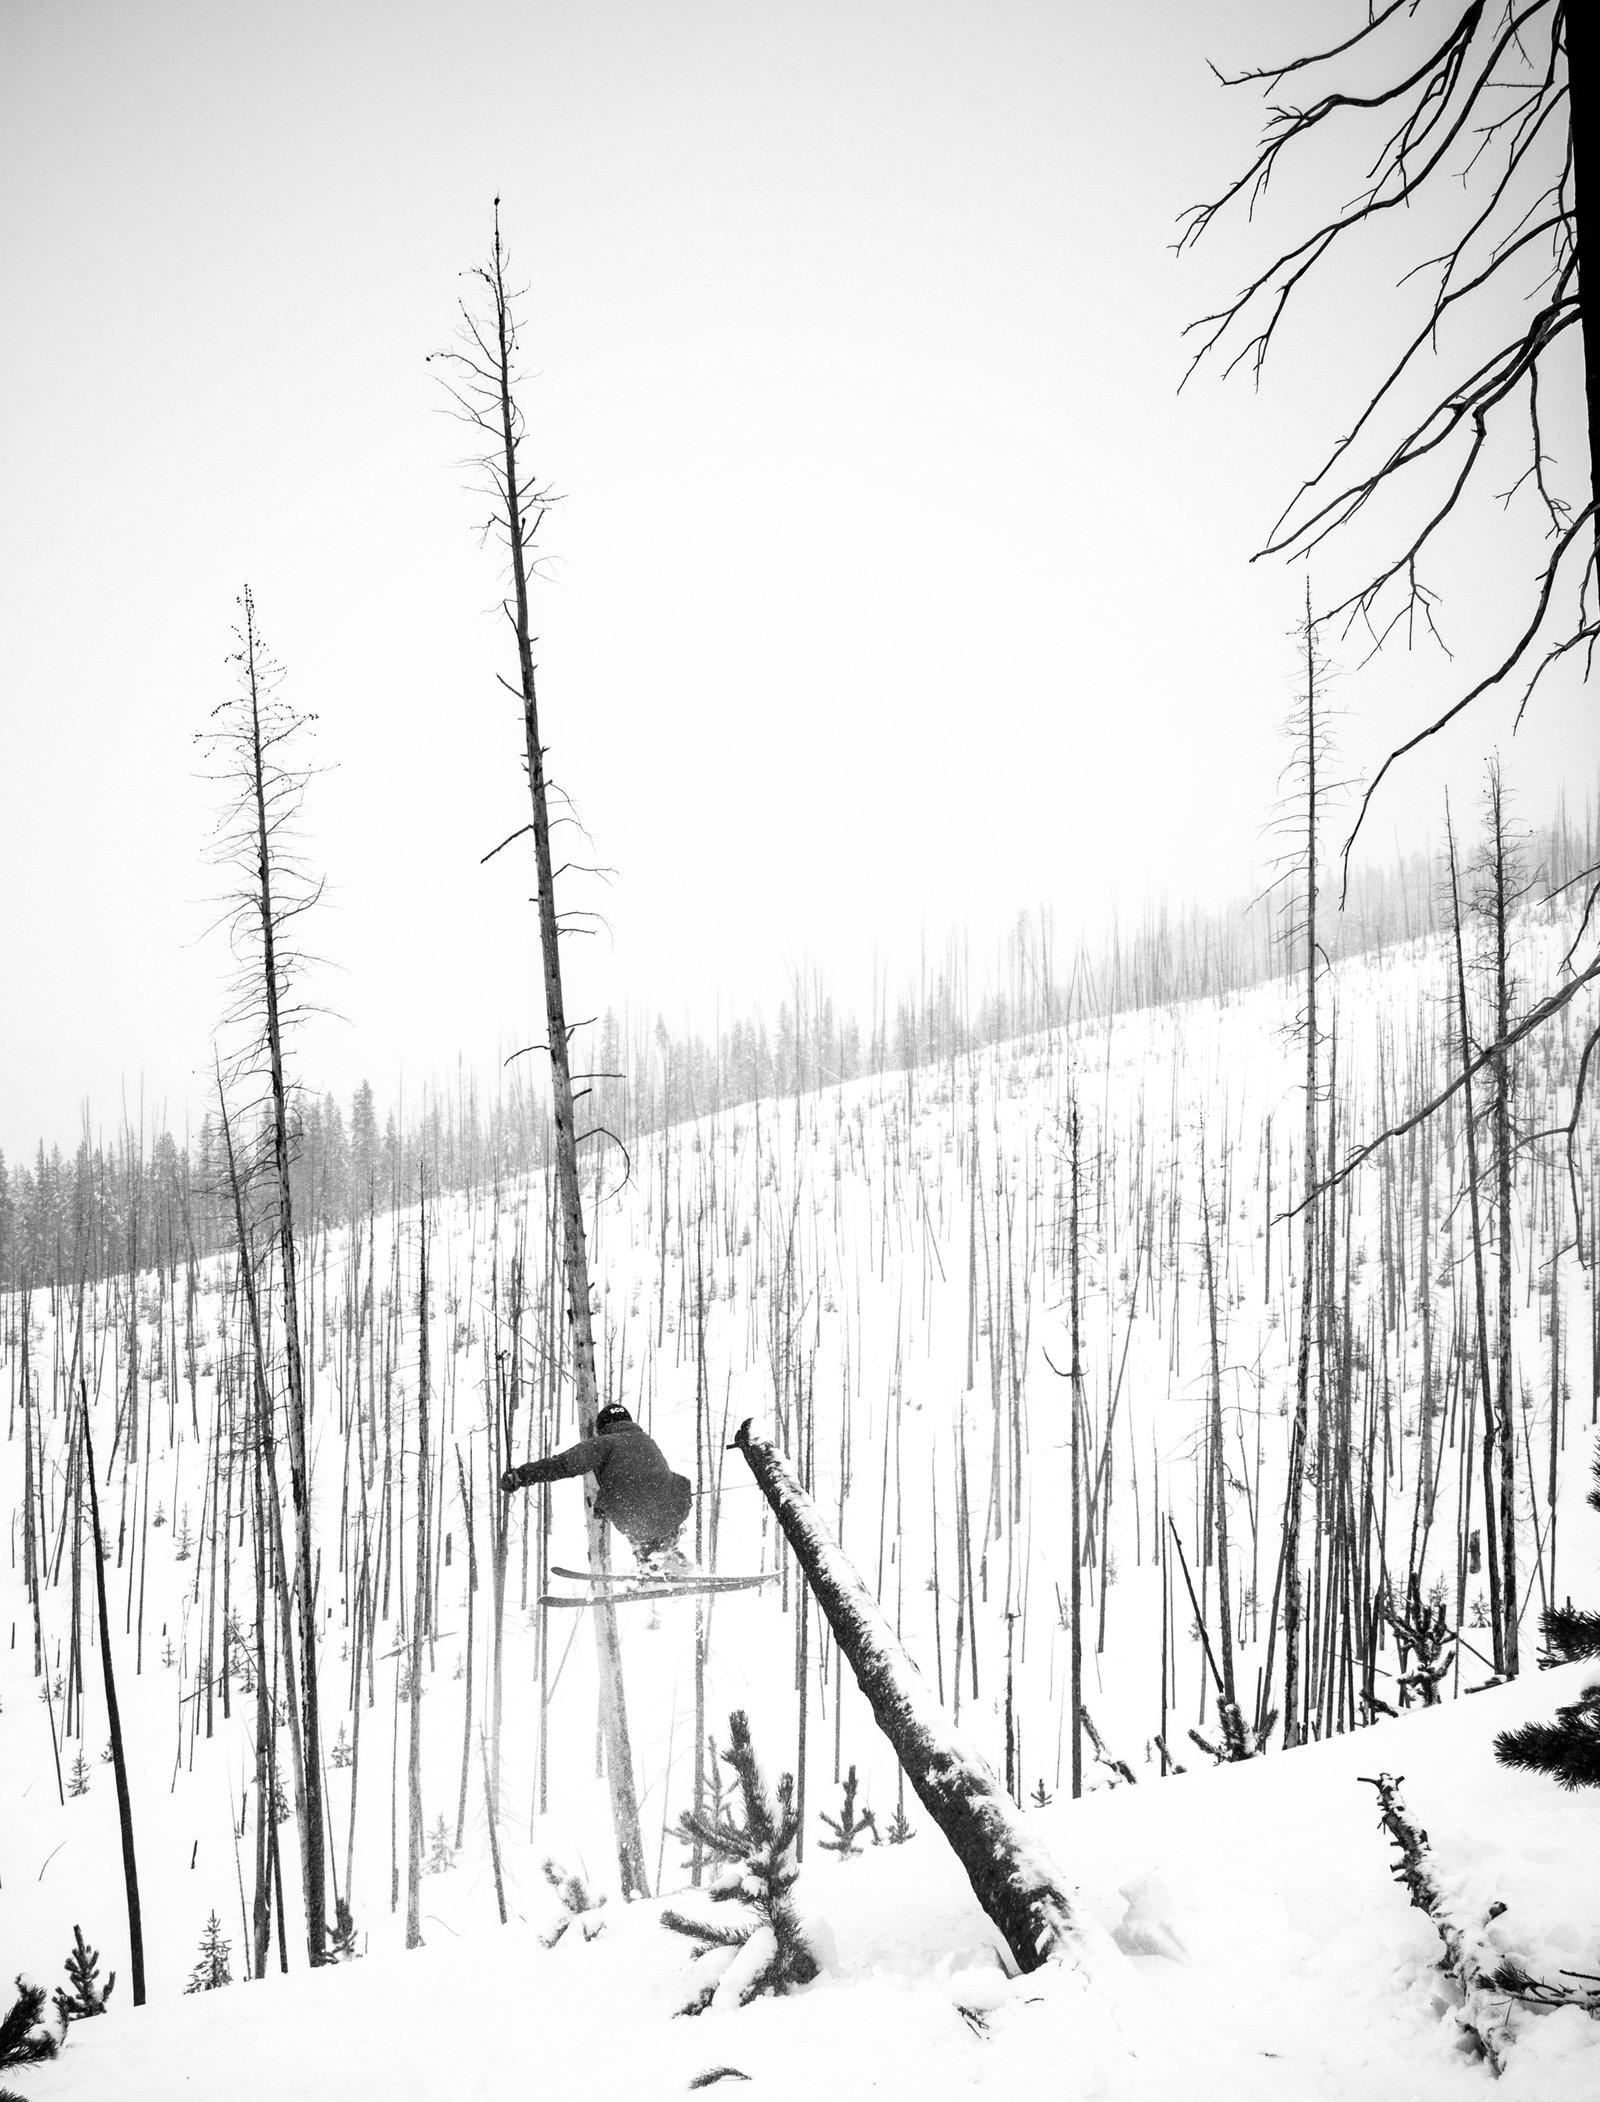 Montana Pole Jam